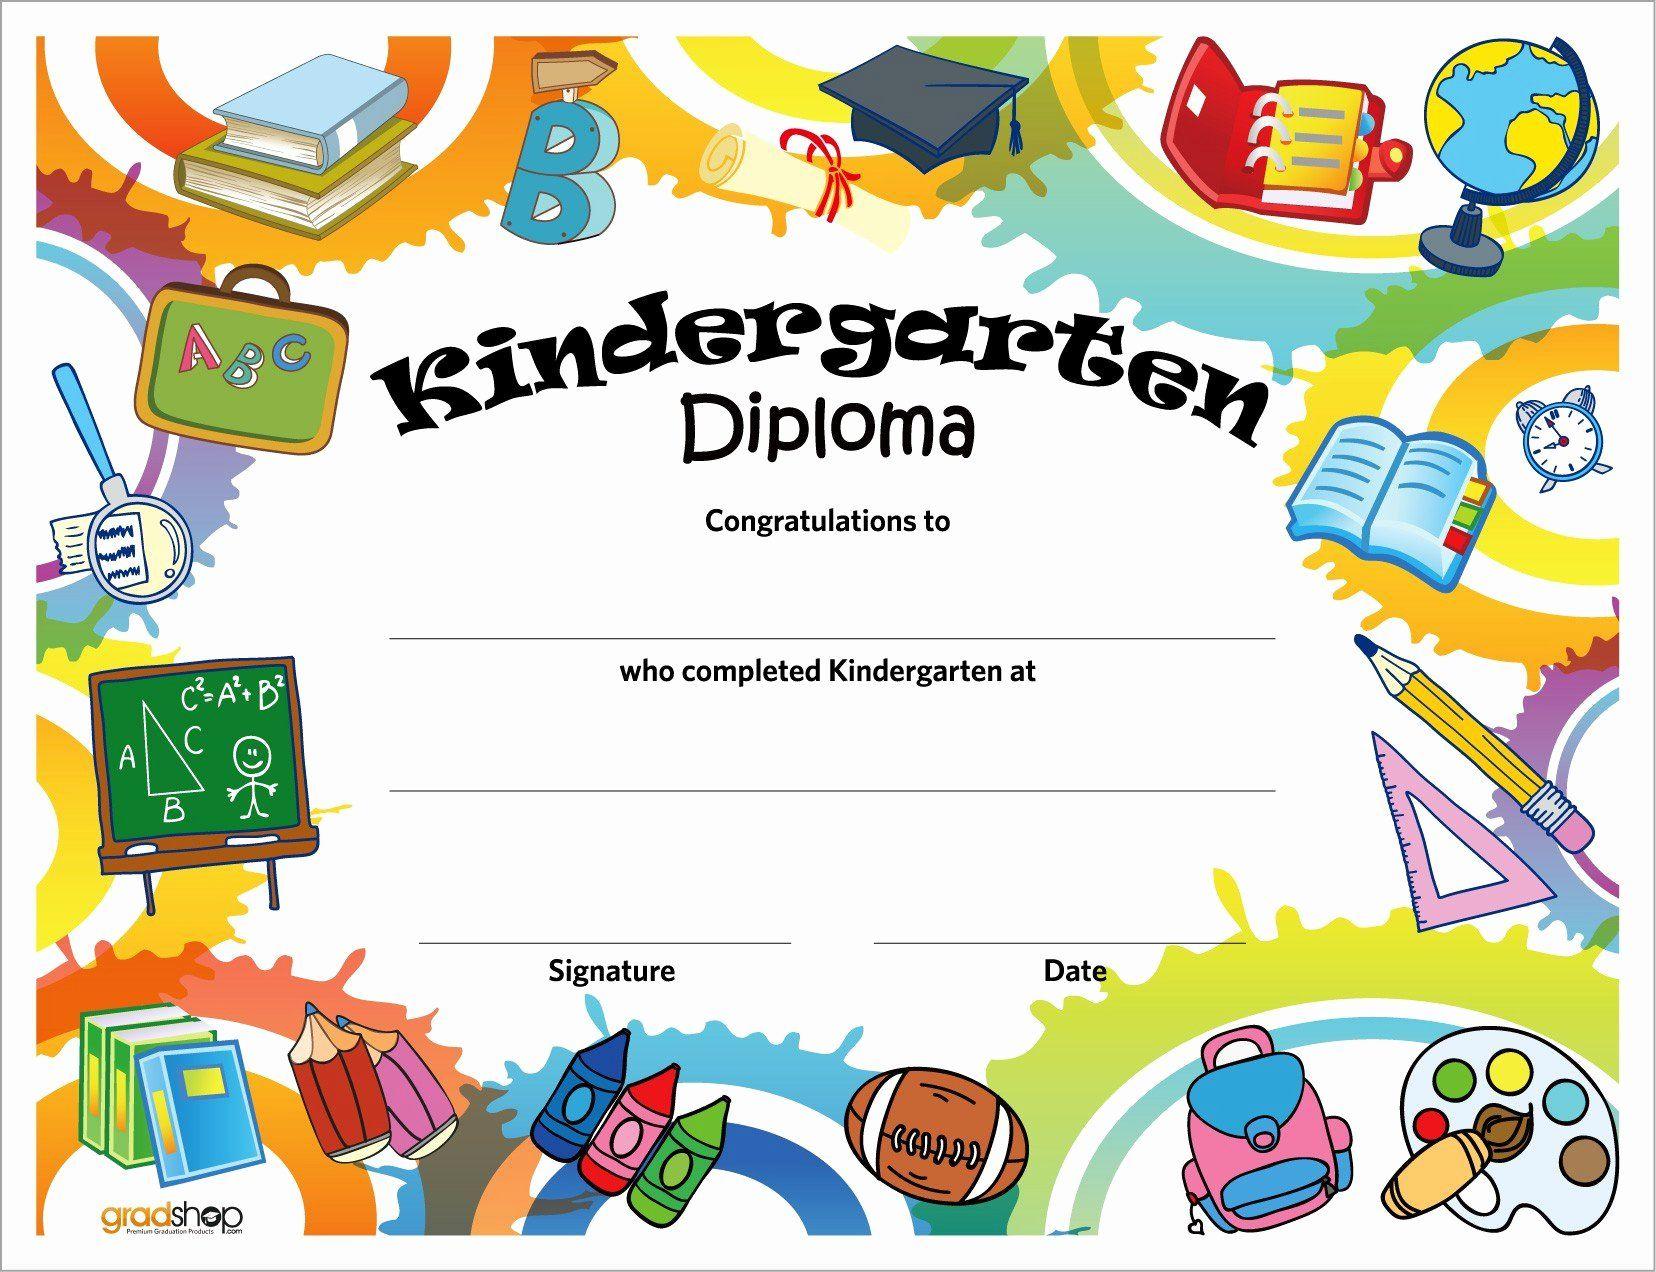 Preschool Diploma Template Word Luxury Kindergarten Diploma Preschool Diploma Graduation Certificate Template Preschool Certificates